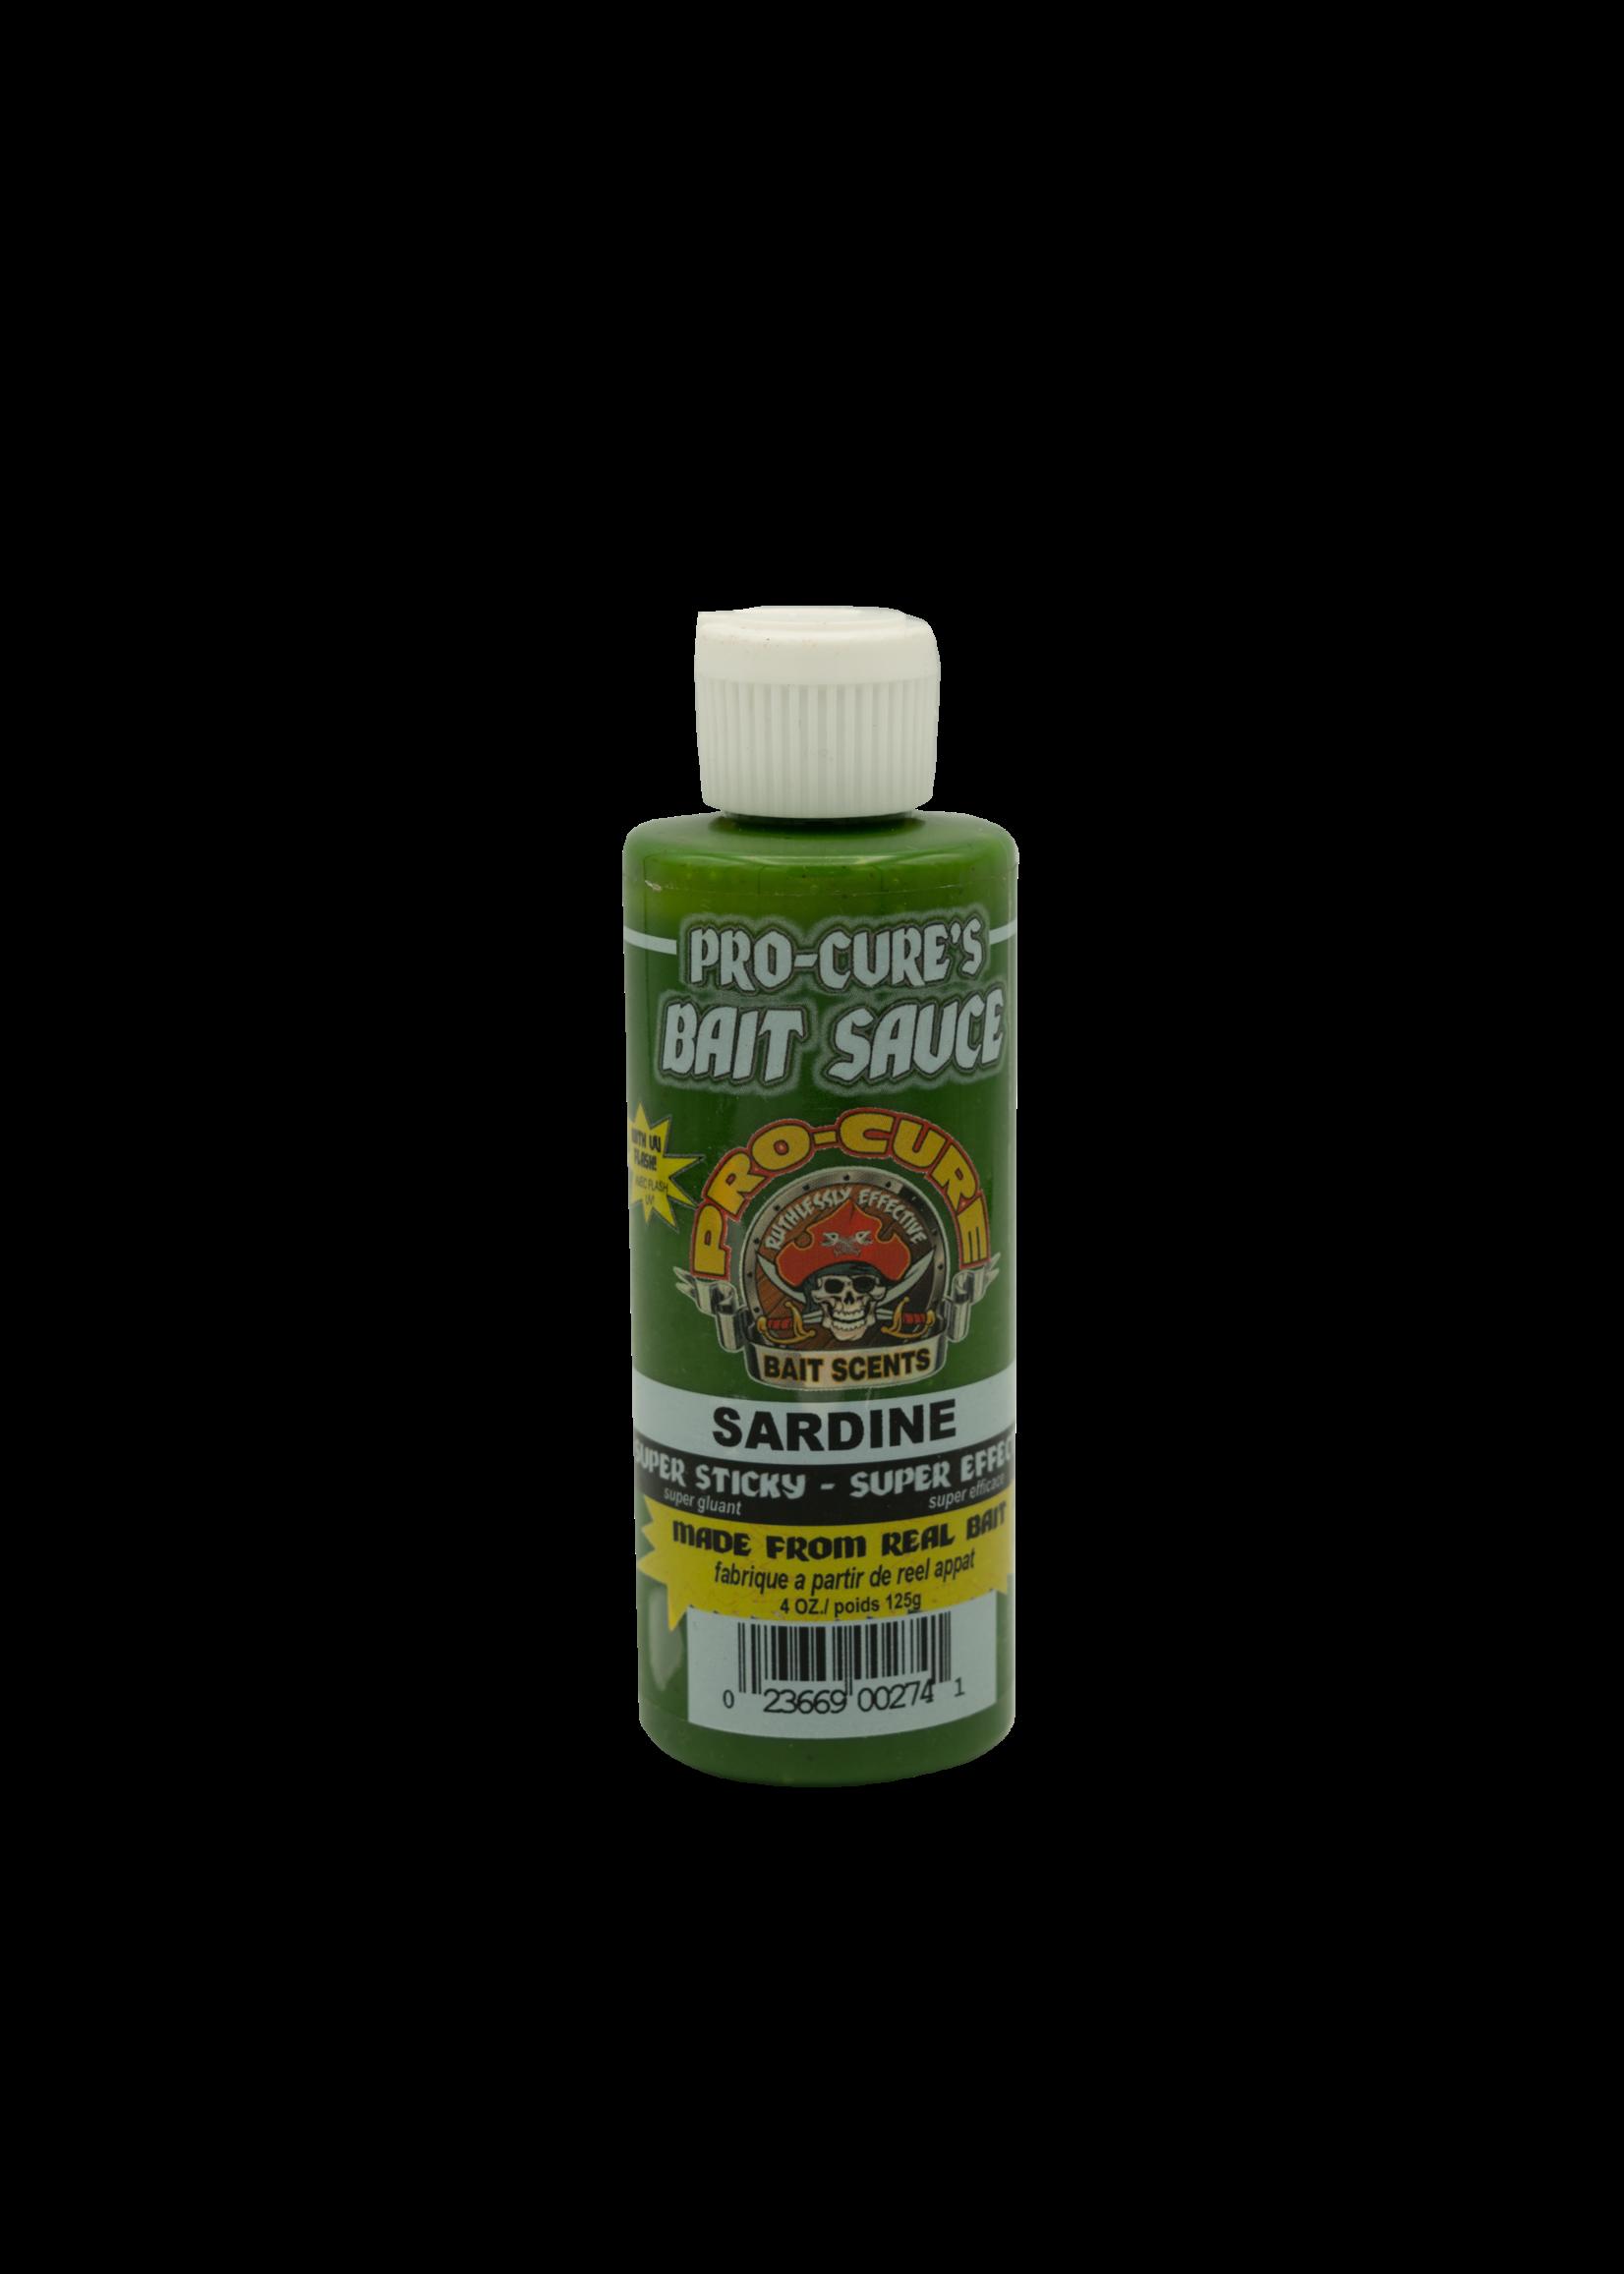 PRO-CURE INC Pro-Cure Super Sauce Sardine